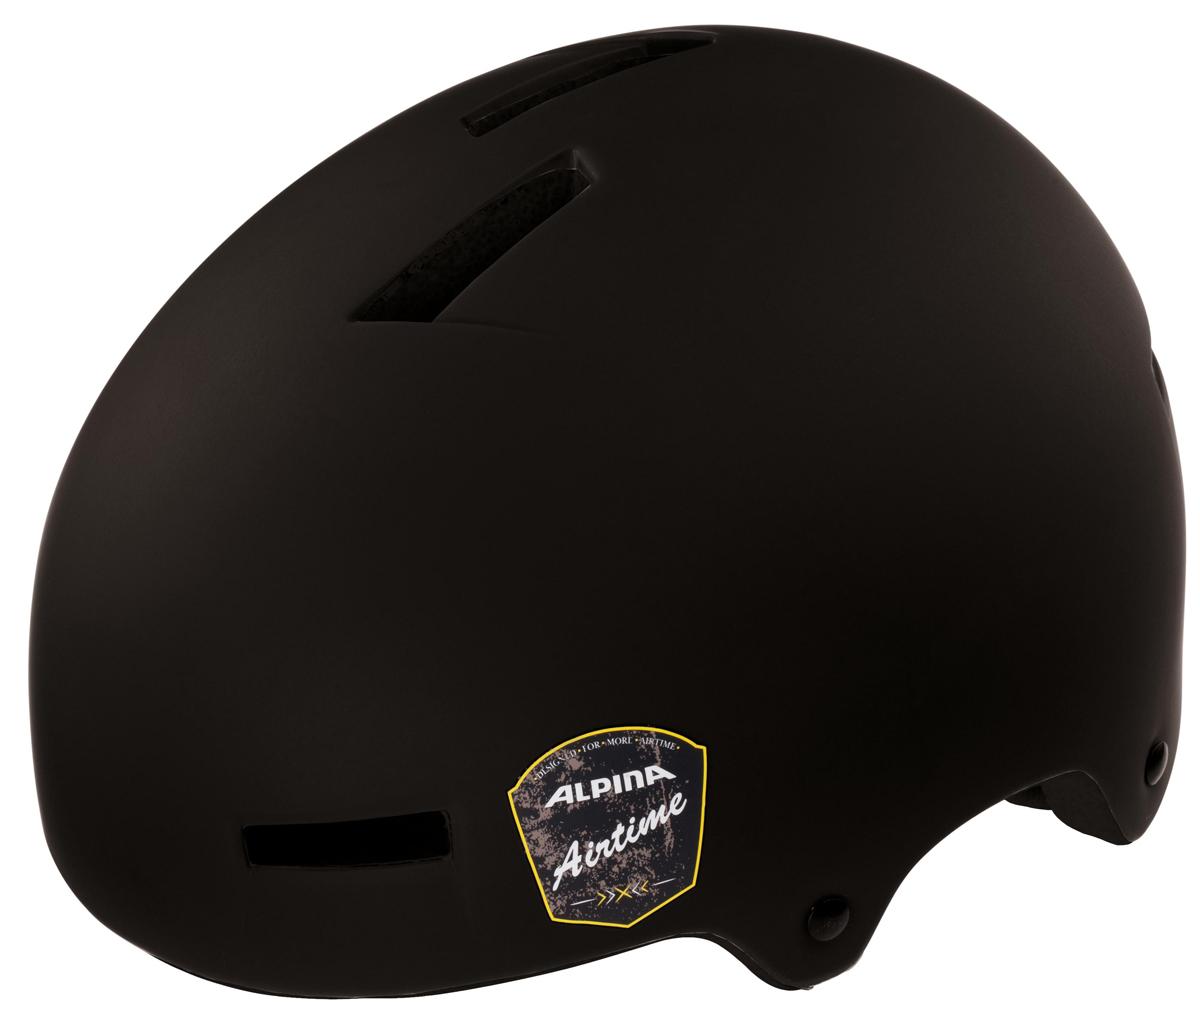 Велошлем Alpina Airtime, цвет: черный. Размер 52-57 см